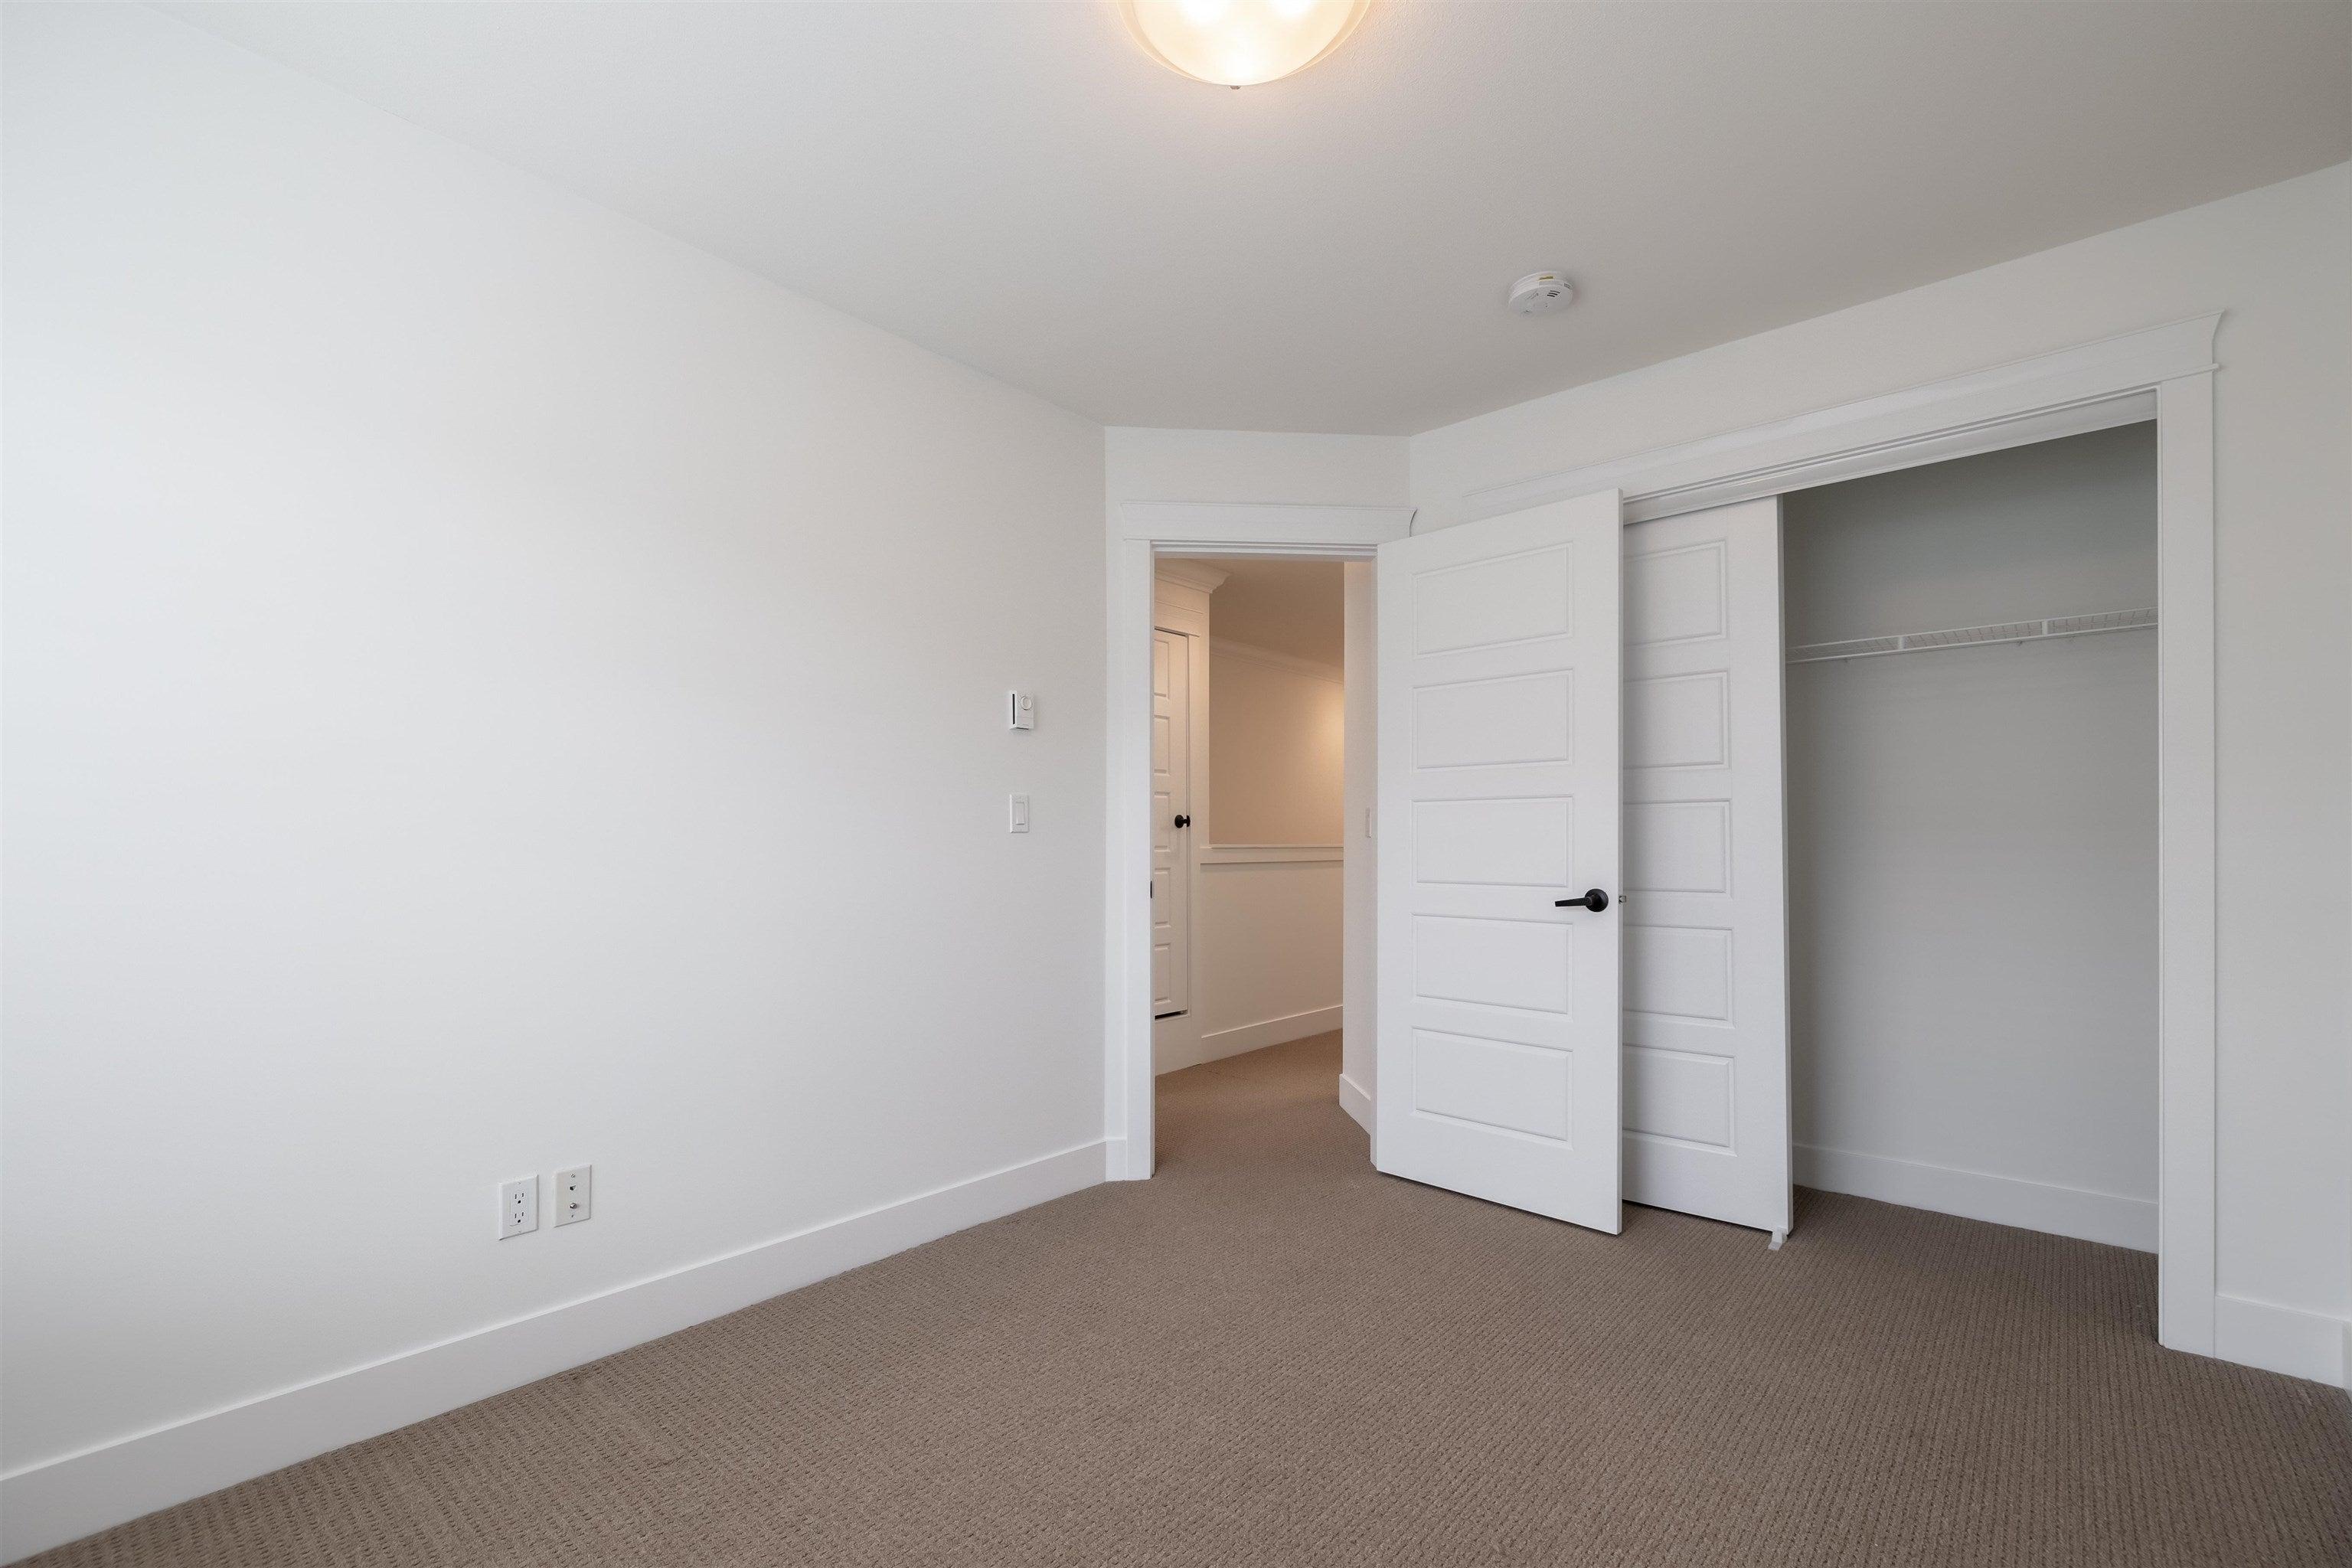 29 17171 2B AVENUE - Pacific Douglas Townhouse for sale, 3 Bedrooms (R2625037) - #32